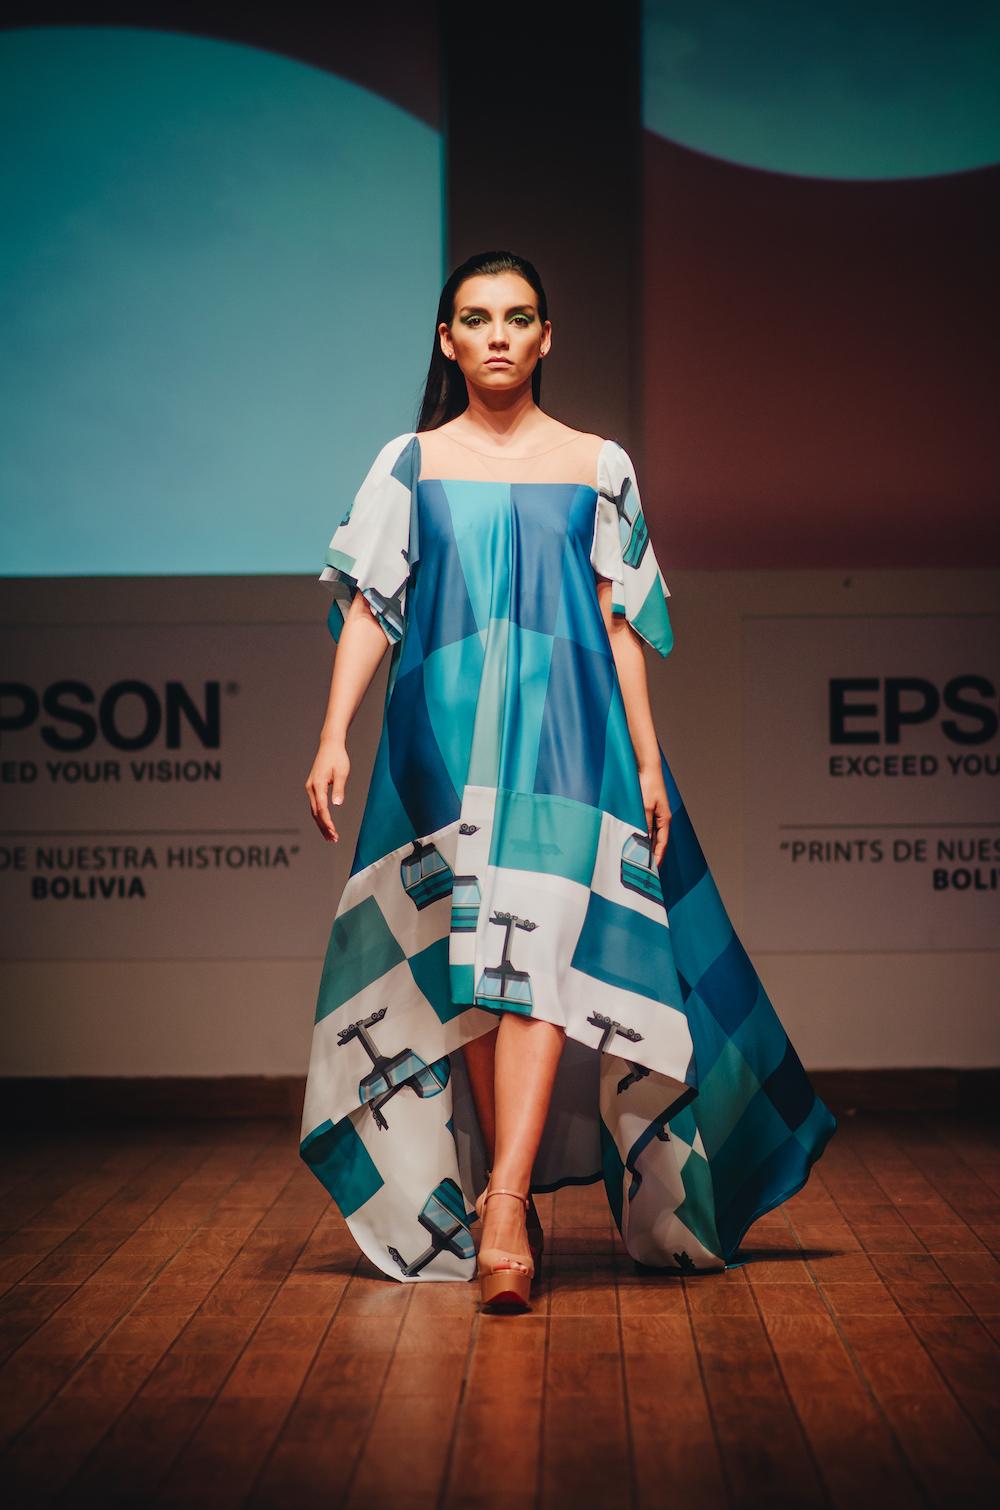 Los ganadores del desfile Epson Bolivia organizado por VisteLaCalle: Luis Daniel y Lors